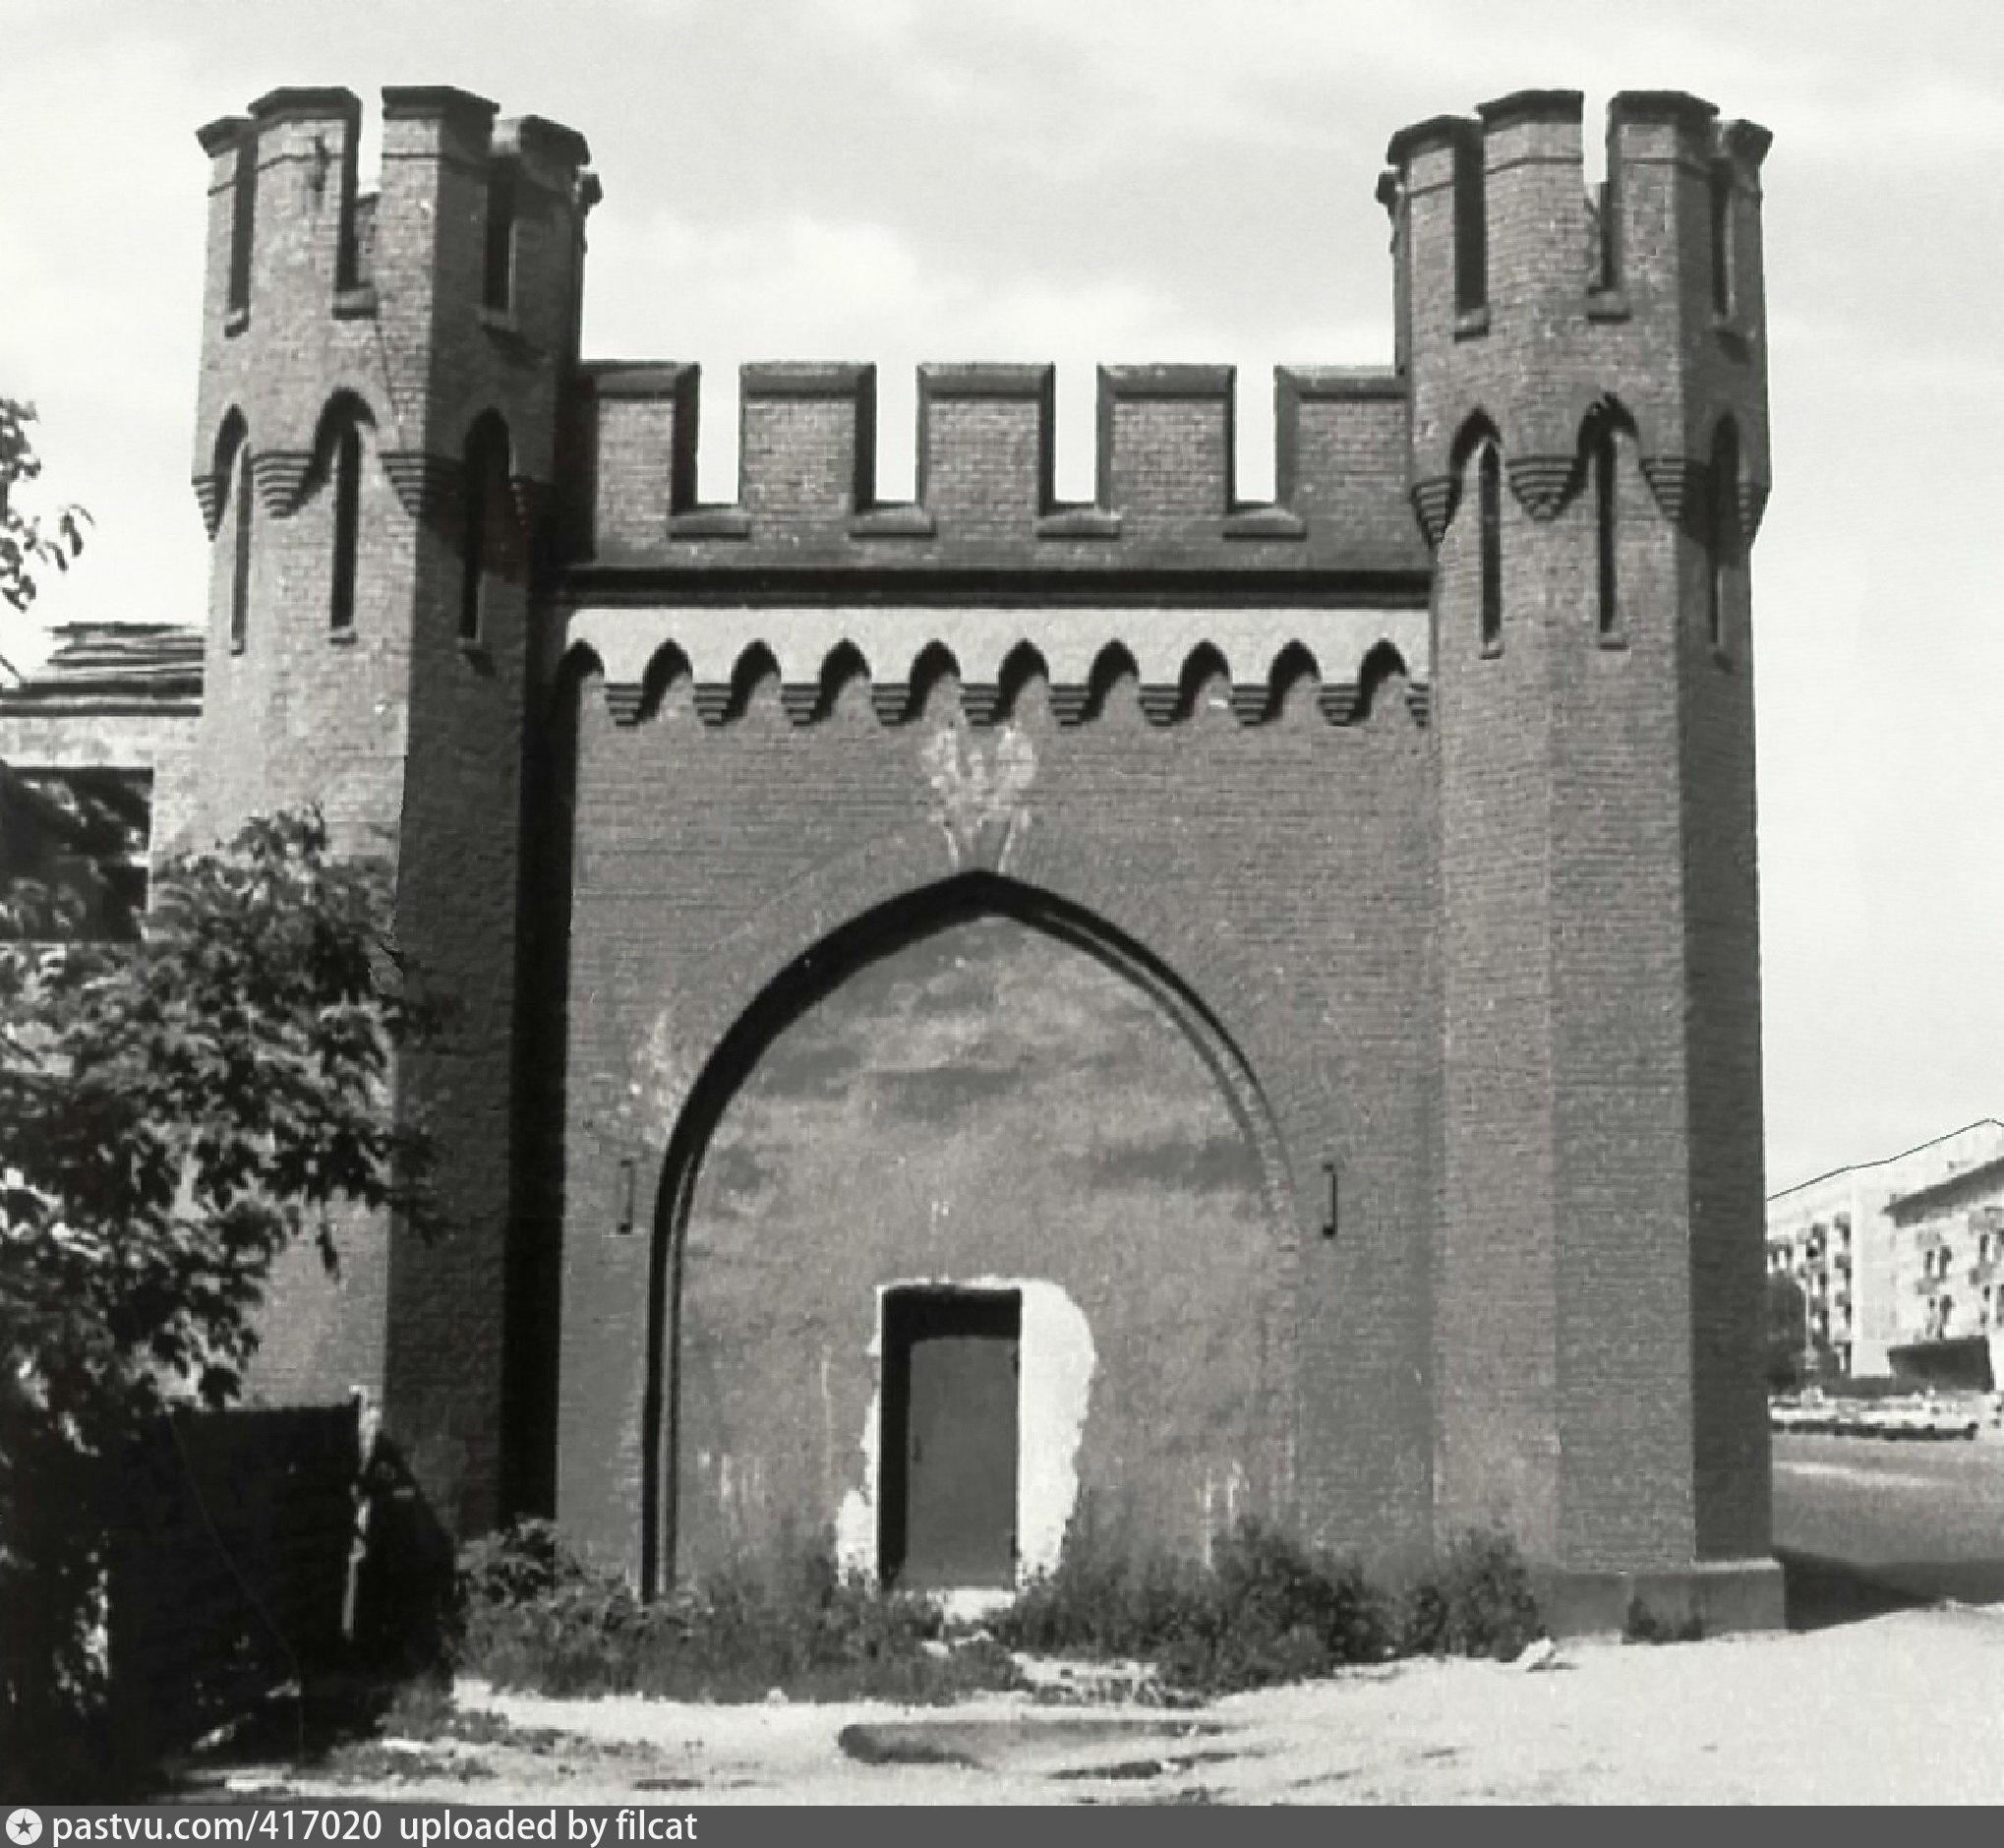 росгартенские ворота послевоенные фото только интересный напиток